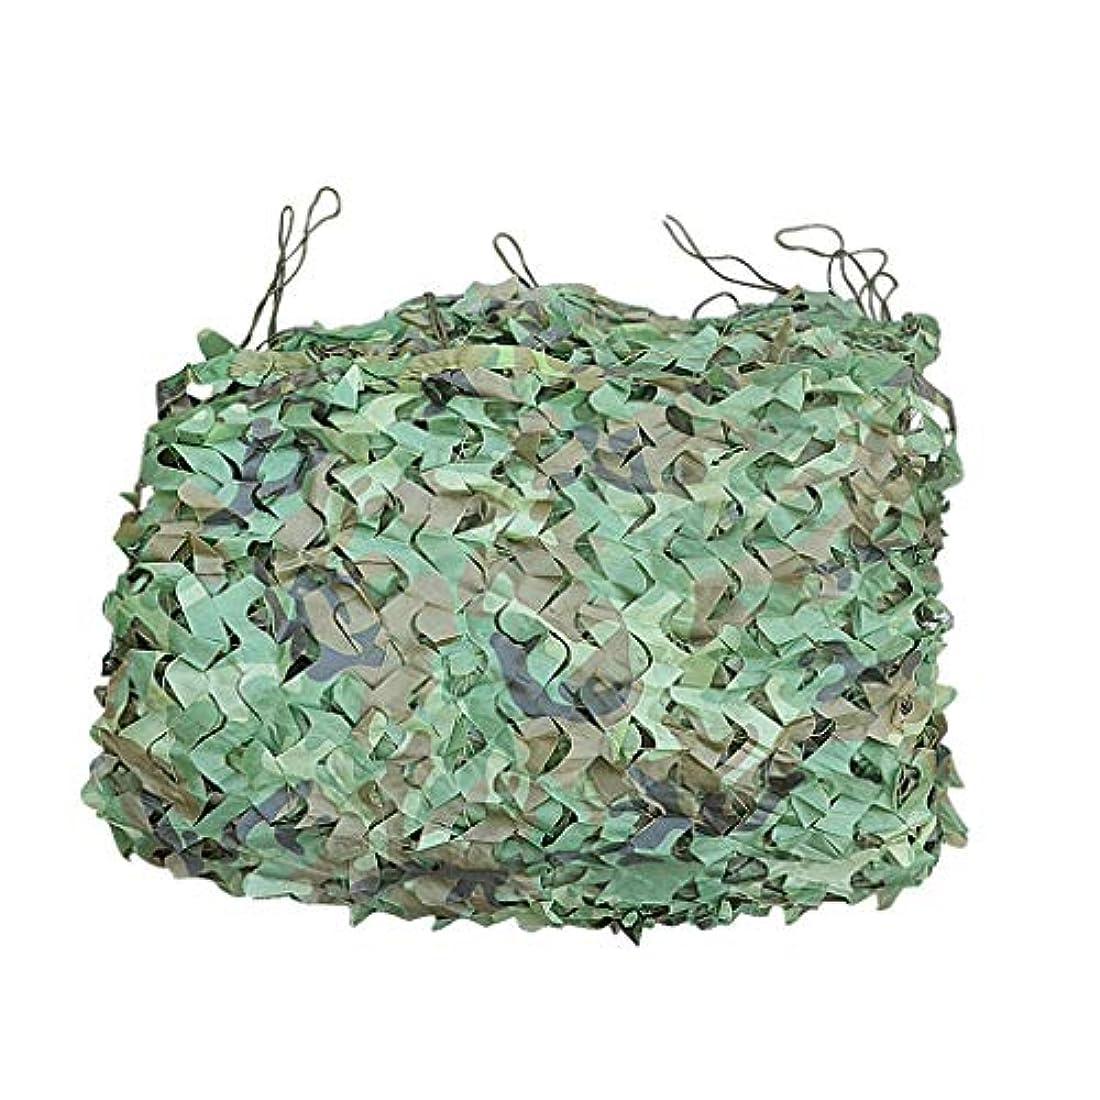 区申し立てられためまいが遮光ネット オックスフォードの布のカムフラージュの網、庭のパーゴラの迷彩網の射撃のための日焼け止め ジャングル隠し生地 (Size : 10Mx20M)